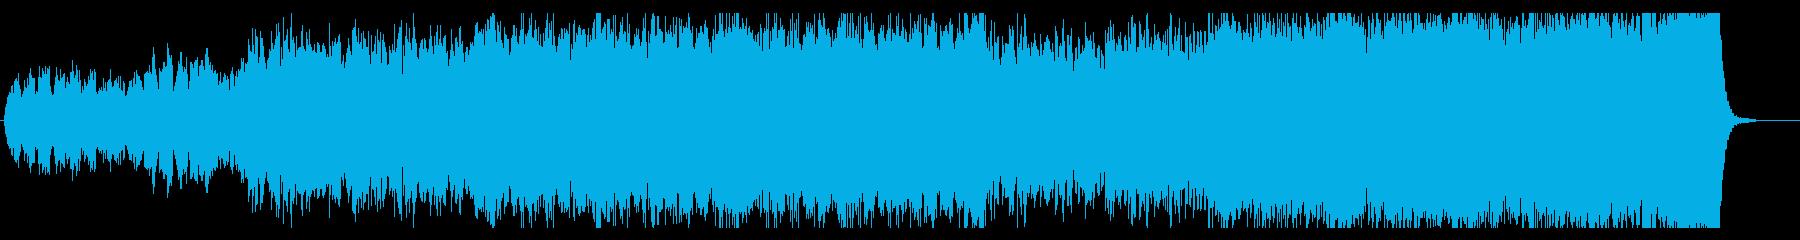 【オケ曲】重厚で壮大なオーケストラ曲の再生済みの波形